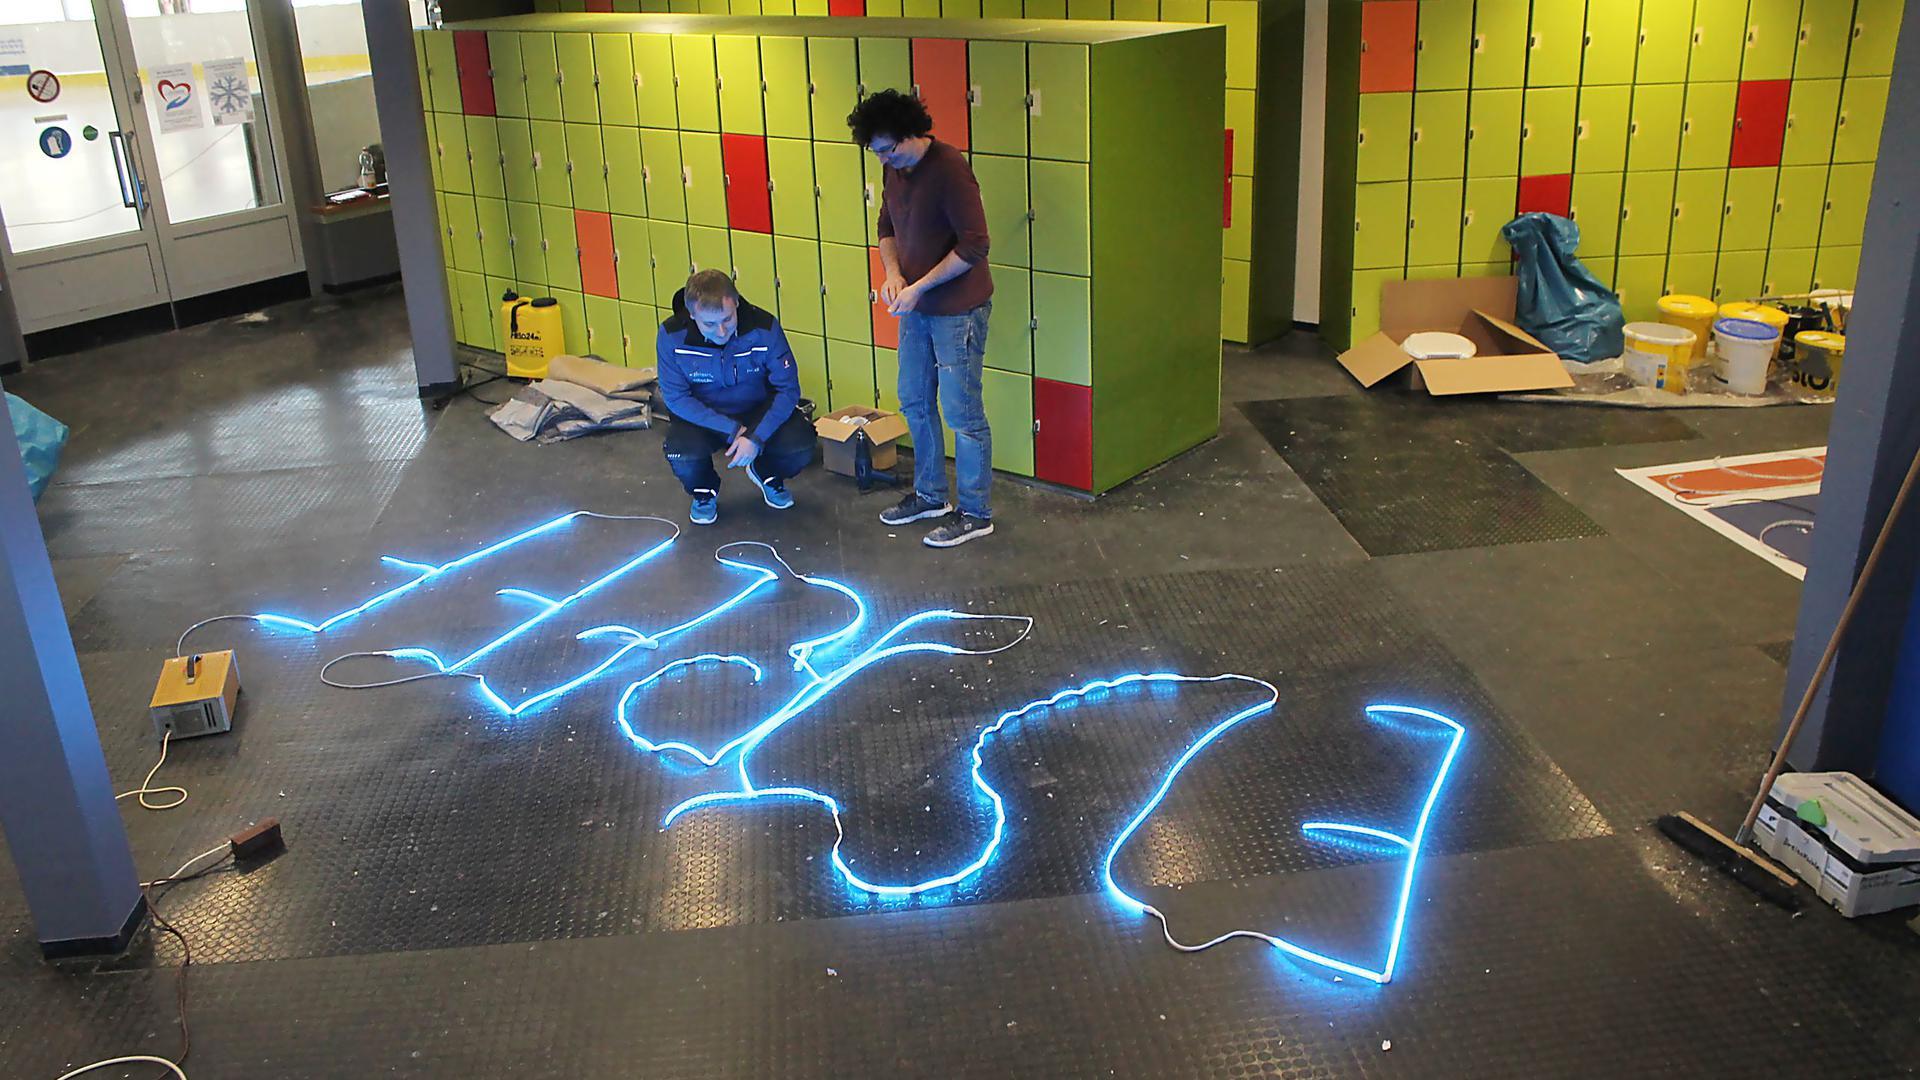 Das LED-Eistrefflogo muss erst außerhalb vom Eis getestet werden. Alexander Schroth und Michael Müller (von links) nehmen es in Augenschein.